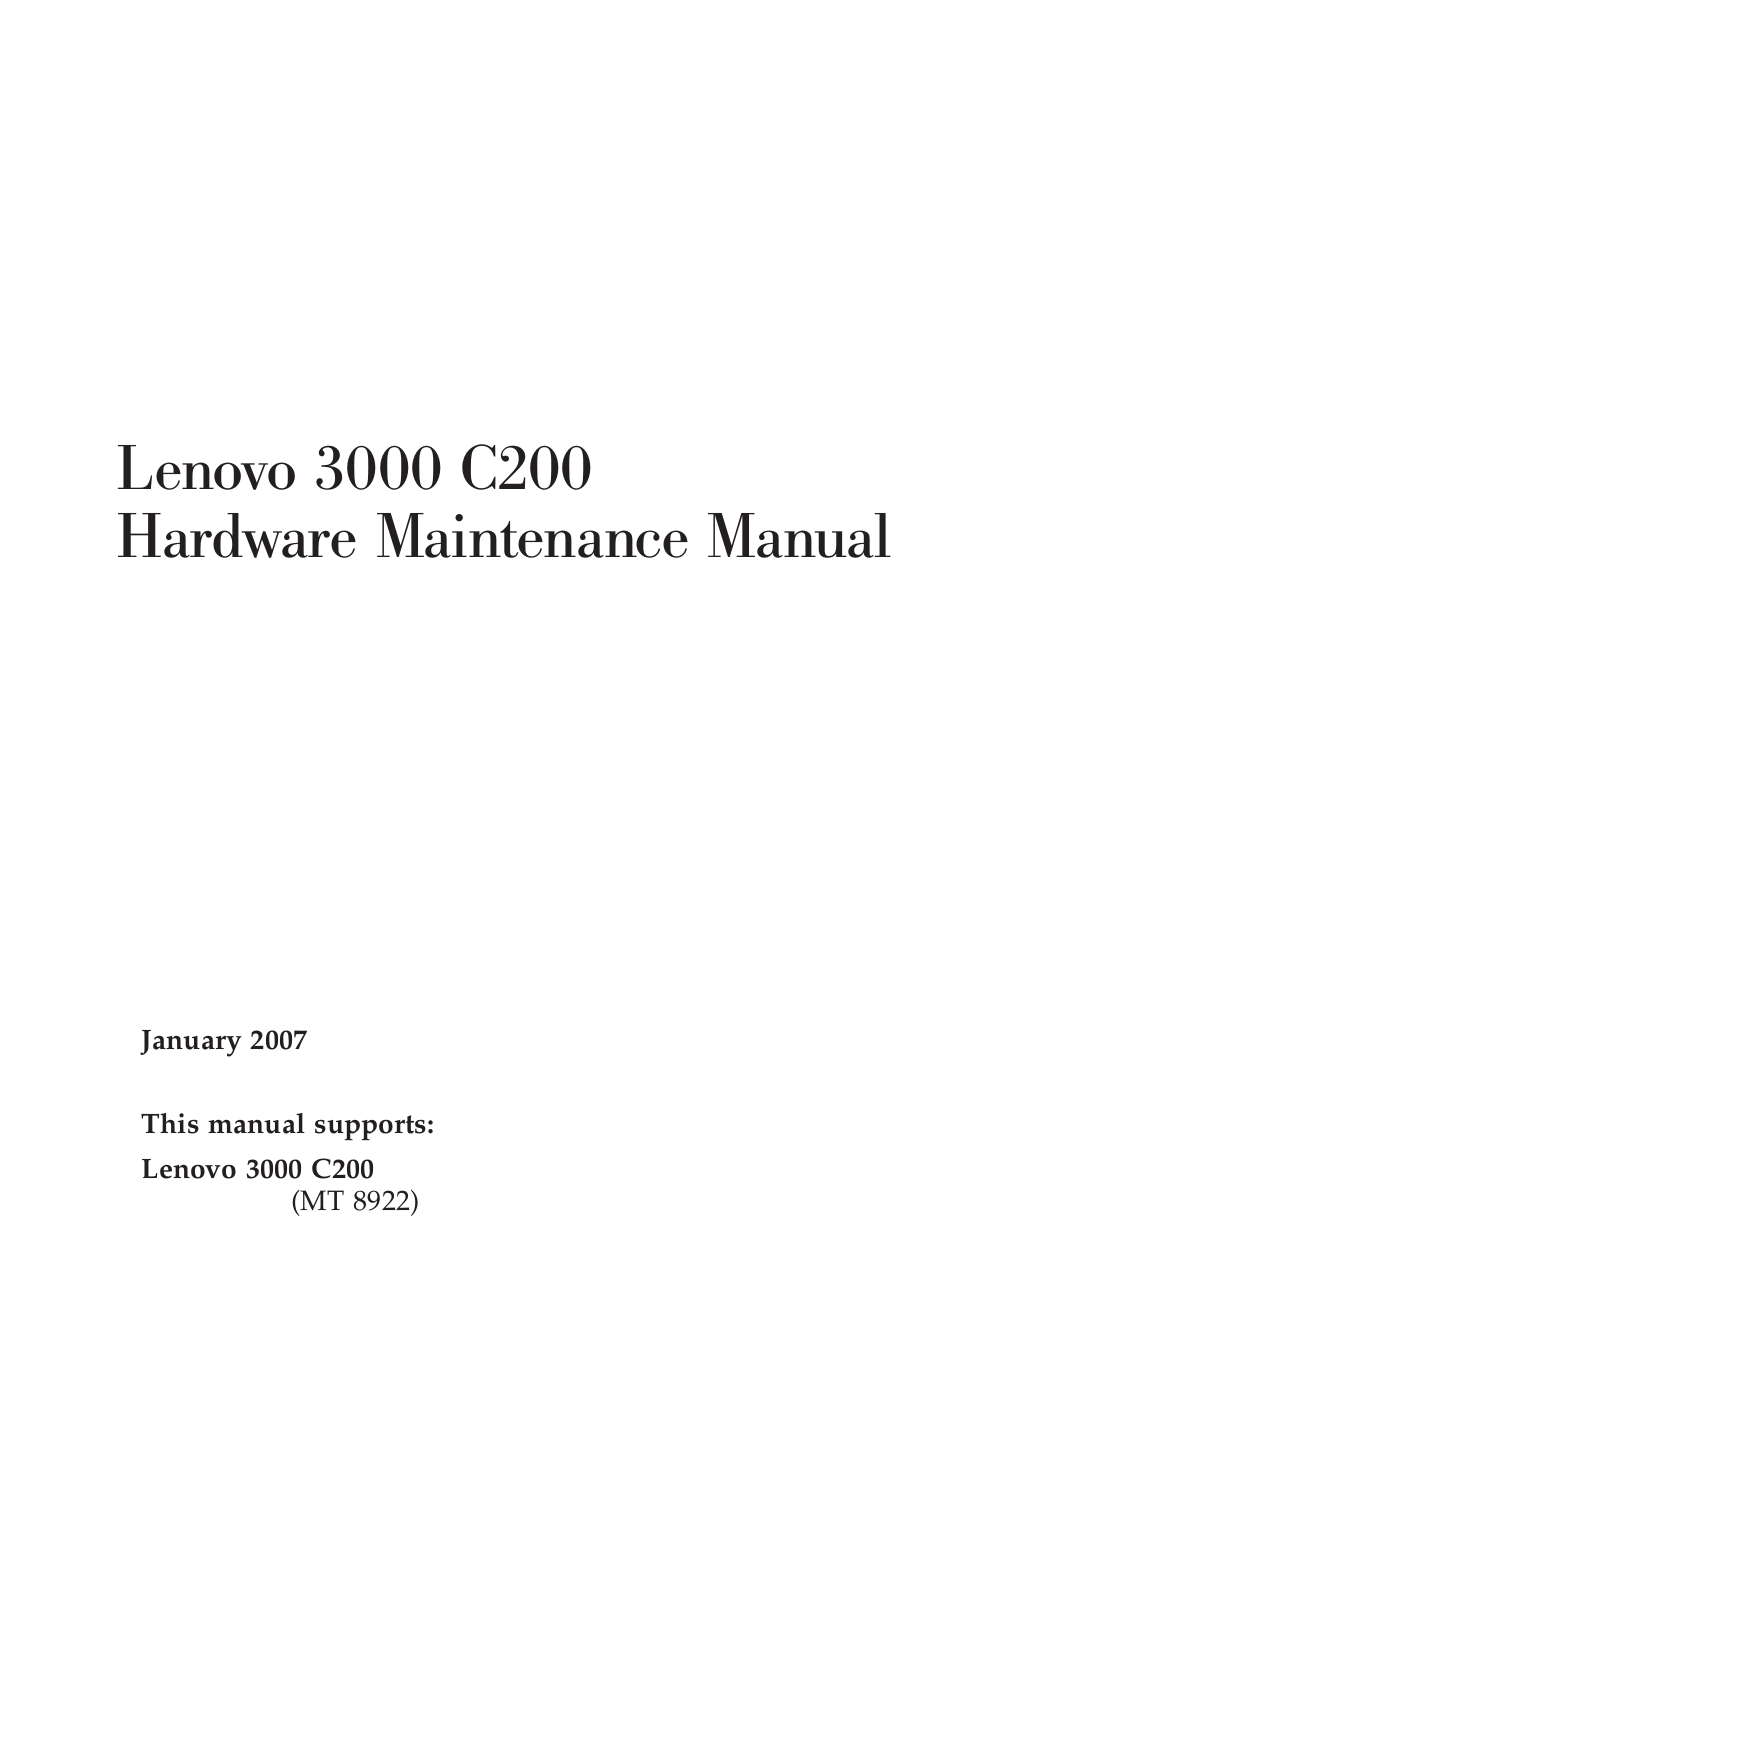 download free pdf for lenovo 3000 c200 8922 laptop manual rh umlib com lenovo 3000 c200 service manual lenovo 3000 g410 service manual